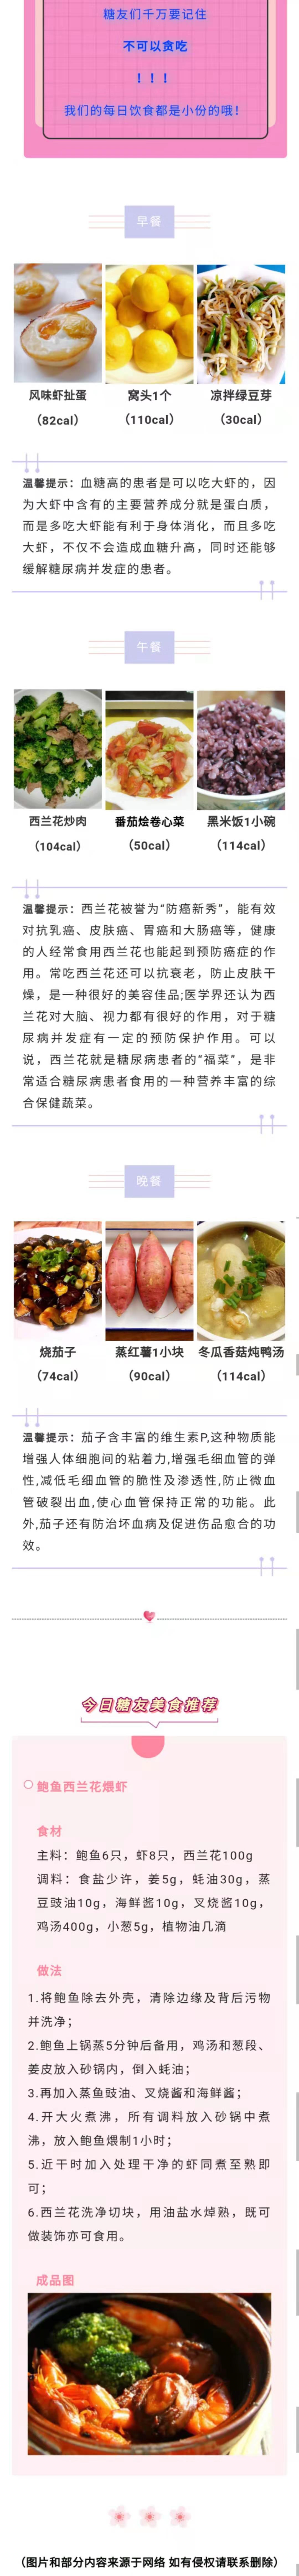 微信图片_20201230095851.jpg